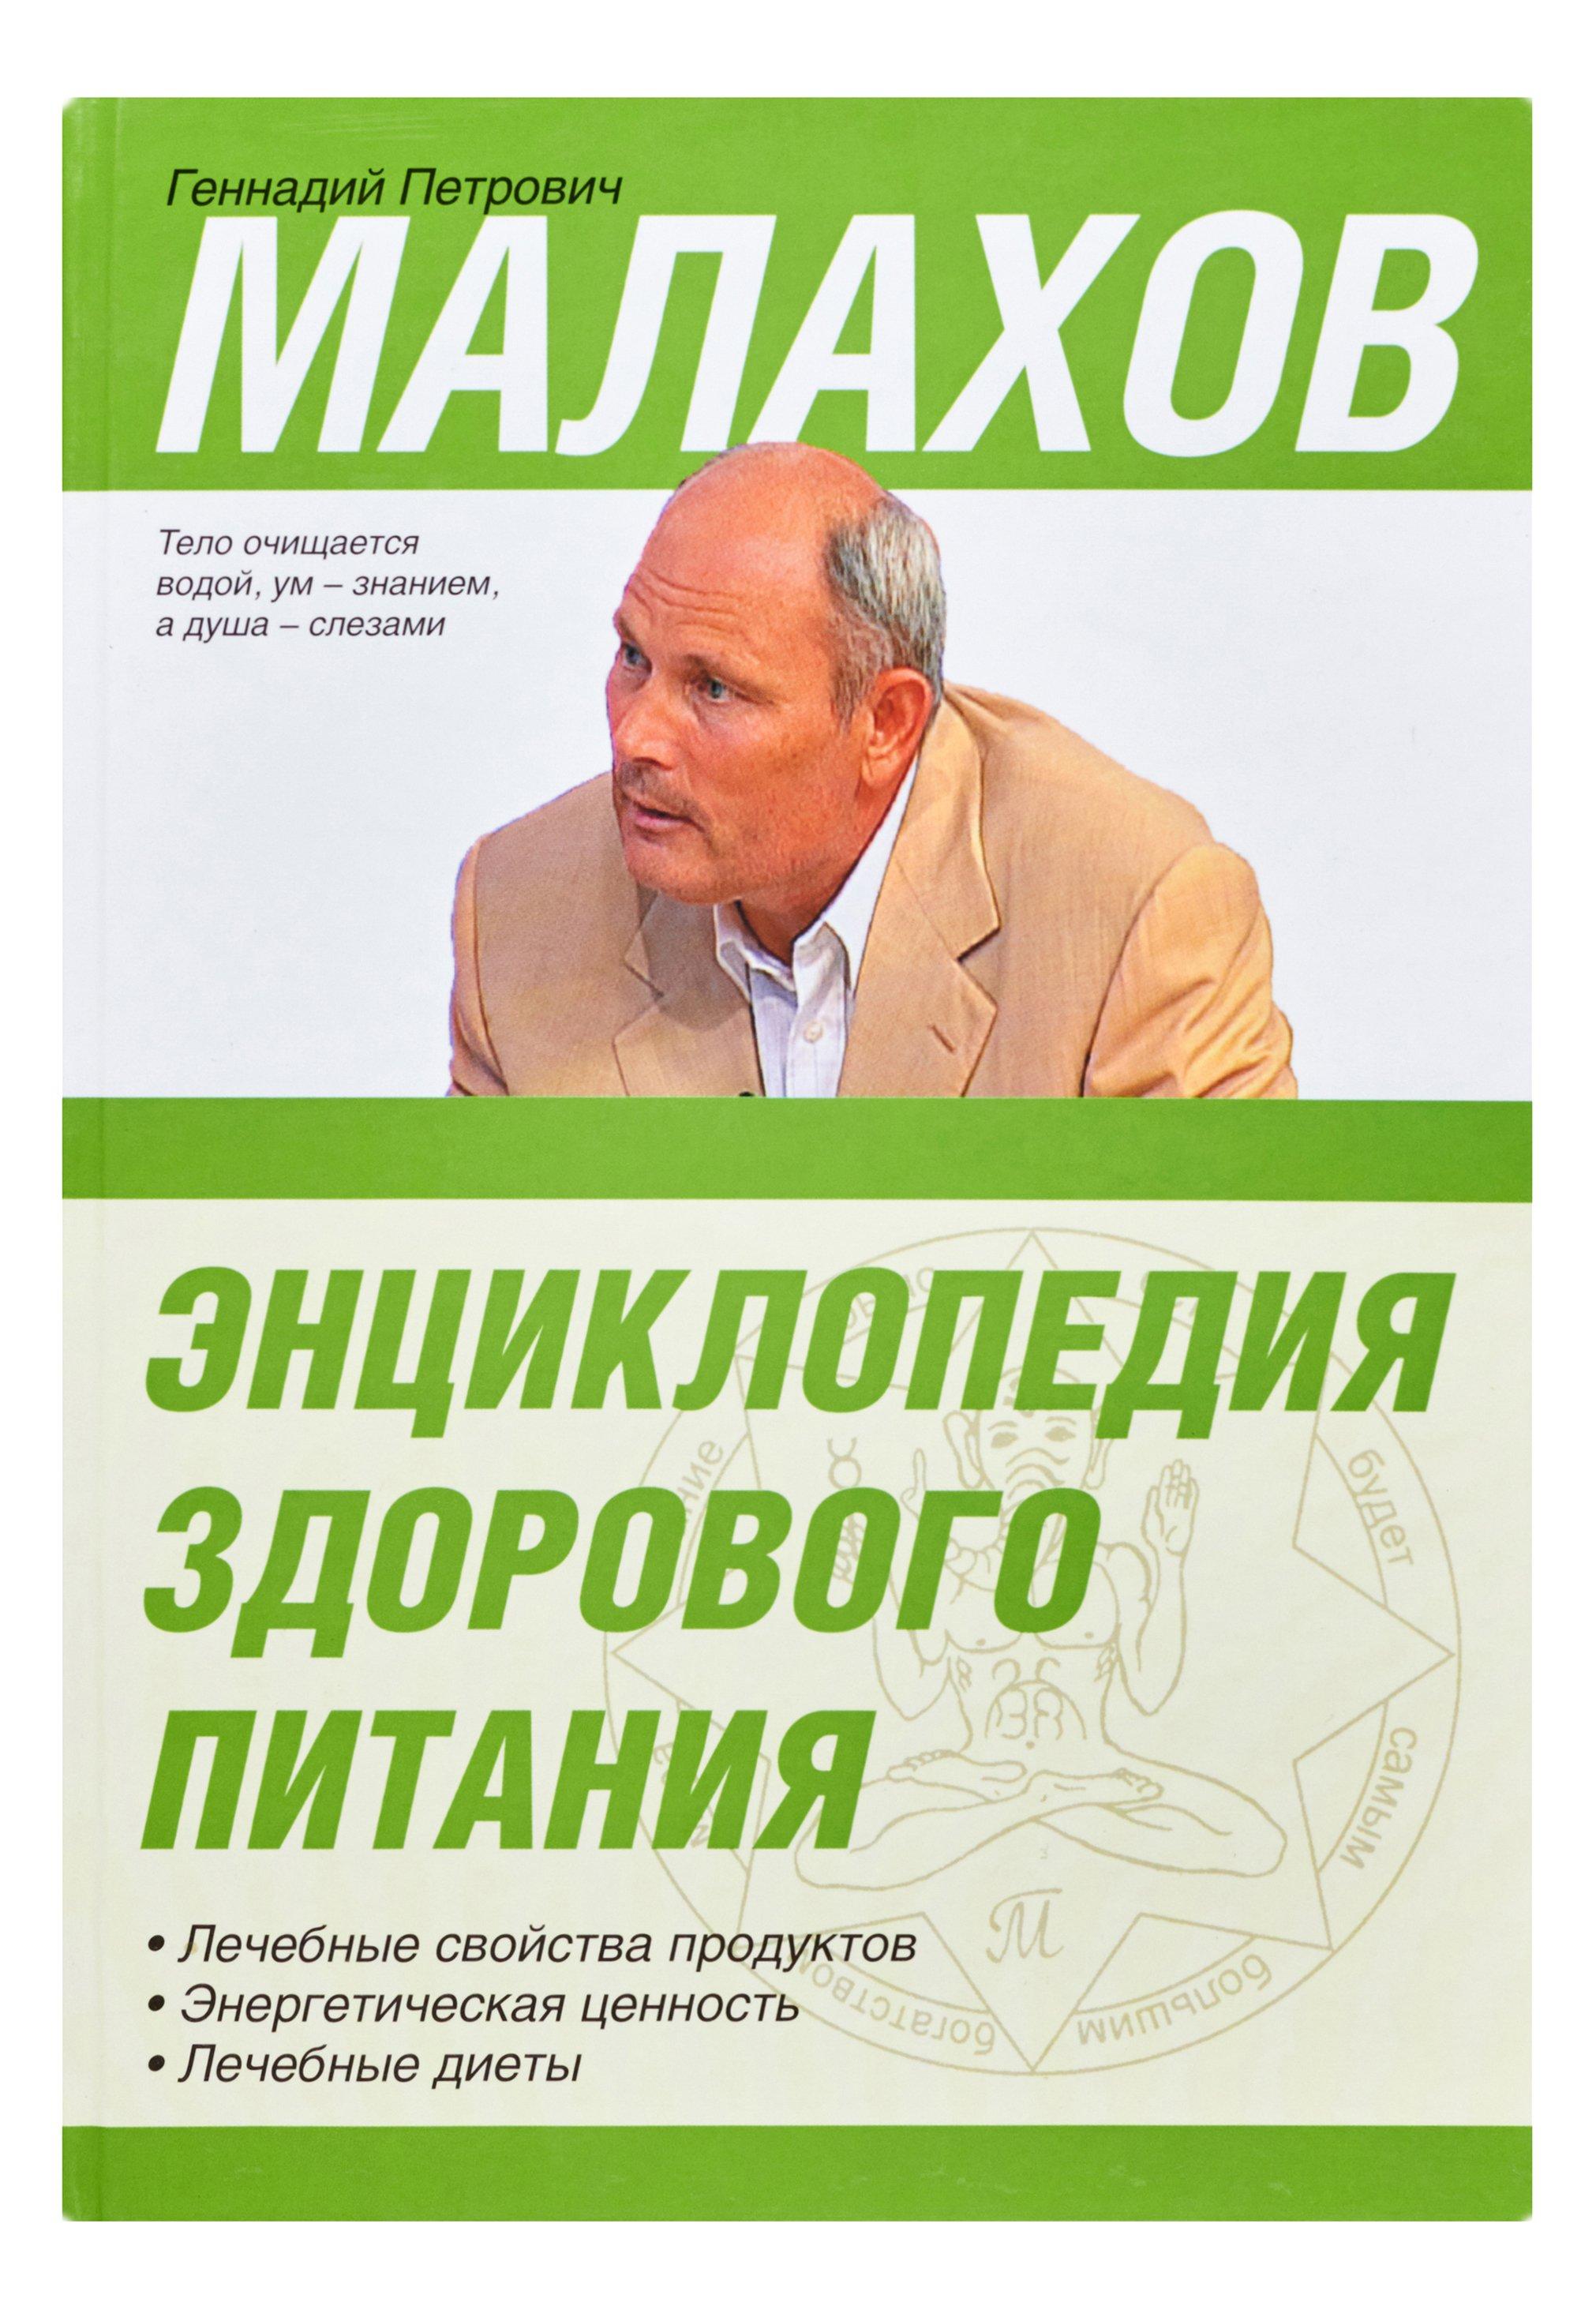 Малахов Геннадий Петрович Энциклопедия здорового питания малахов геннадий петрович как избавиться от паразитов